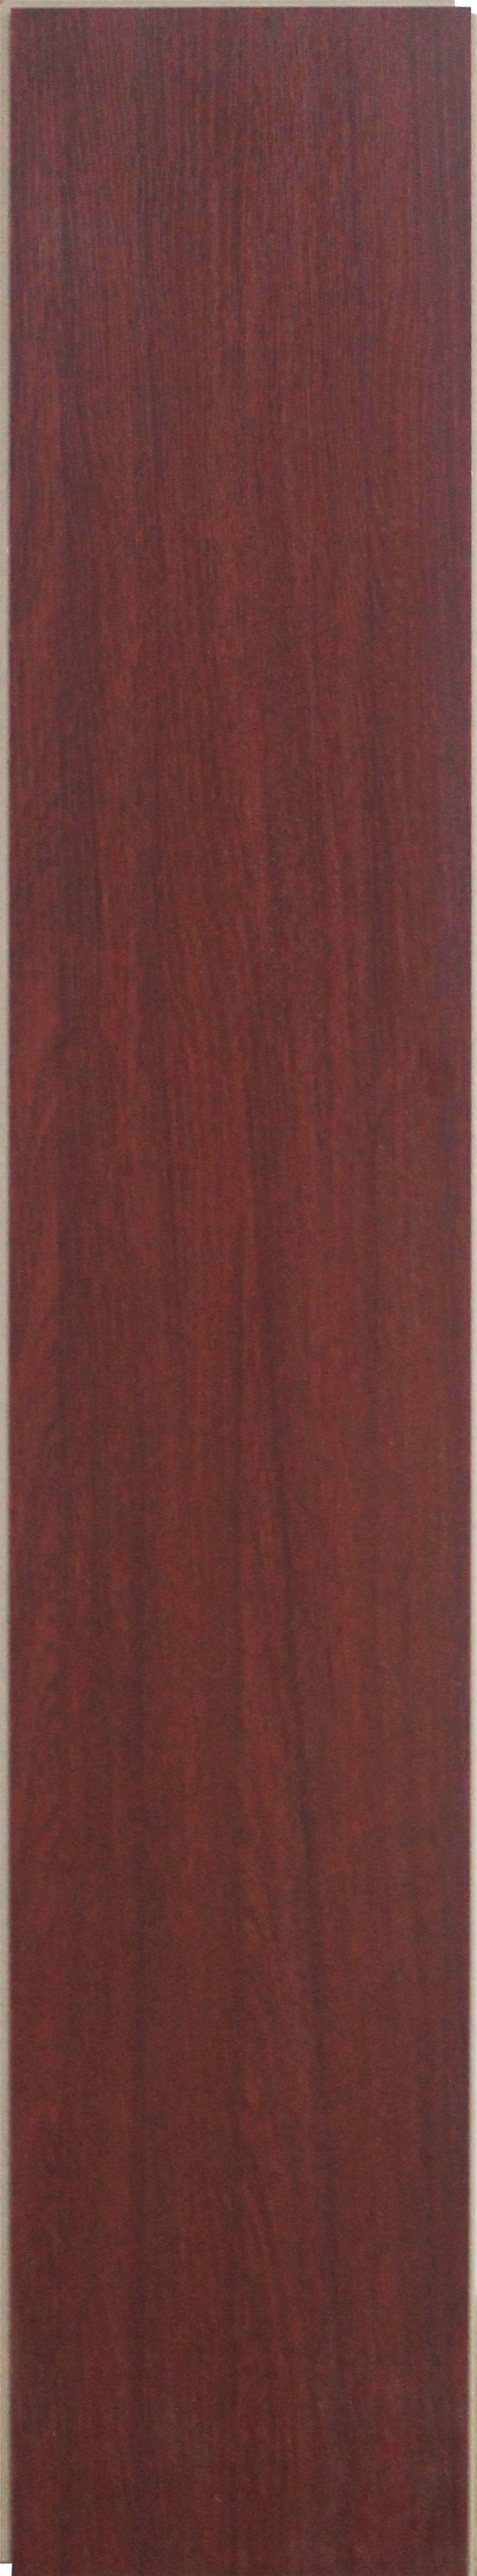 7608-Mahogany